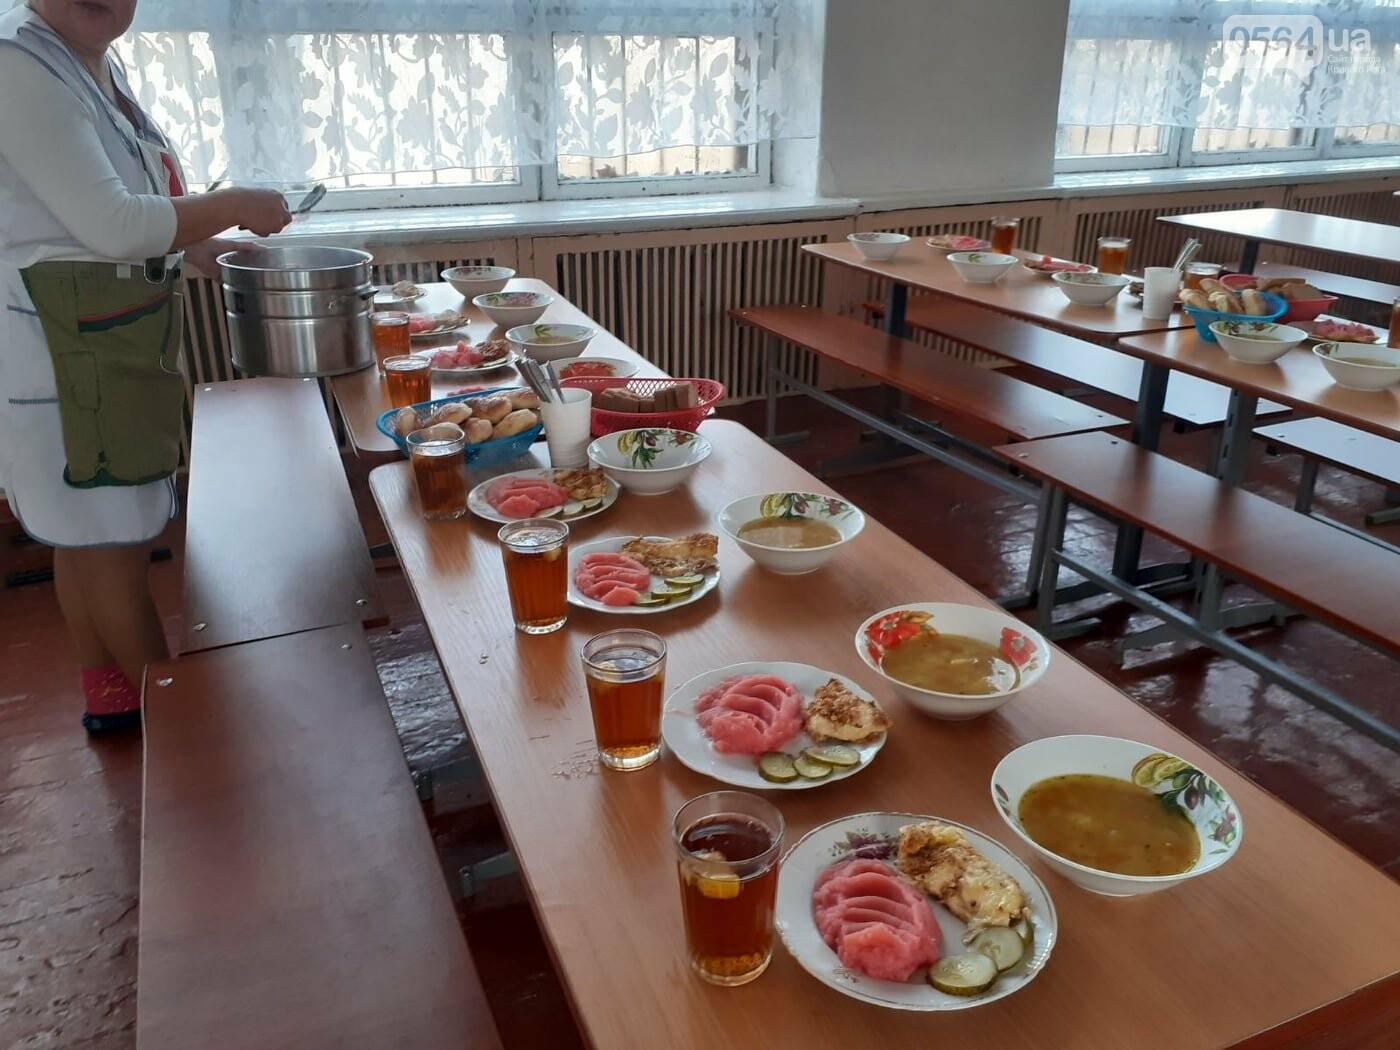 В криворожской школе №78 детей начали кормить блюдами из меню Клопотенко, - ФОТО , фото-4